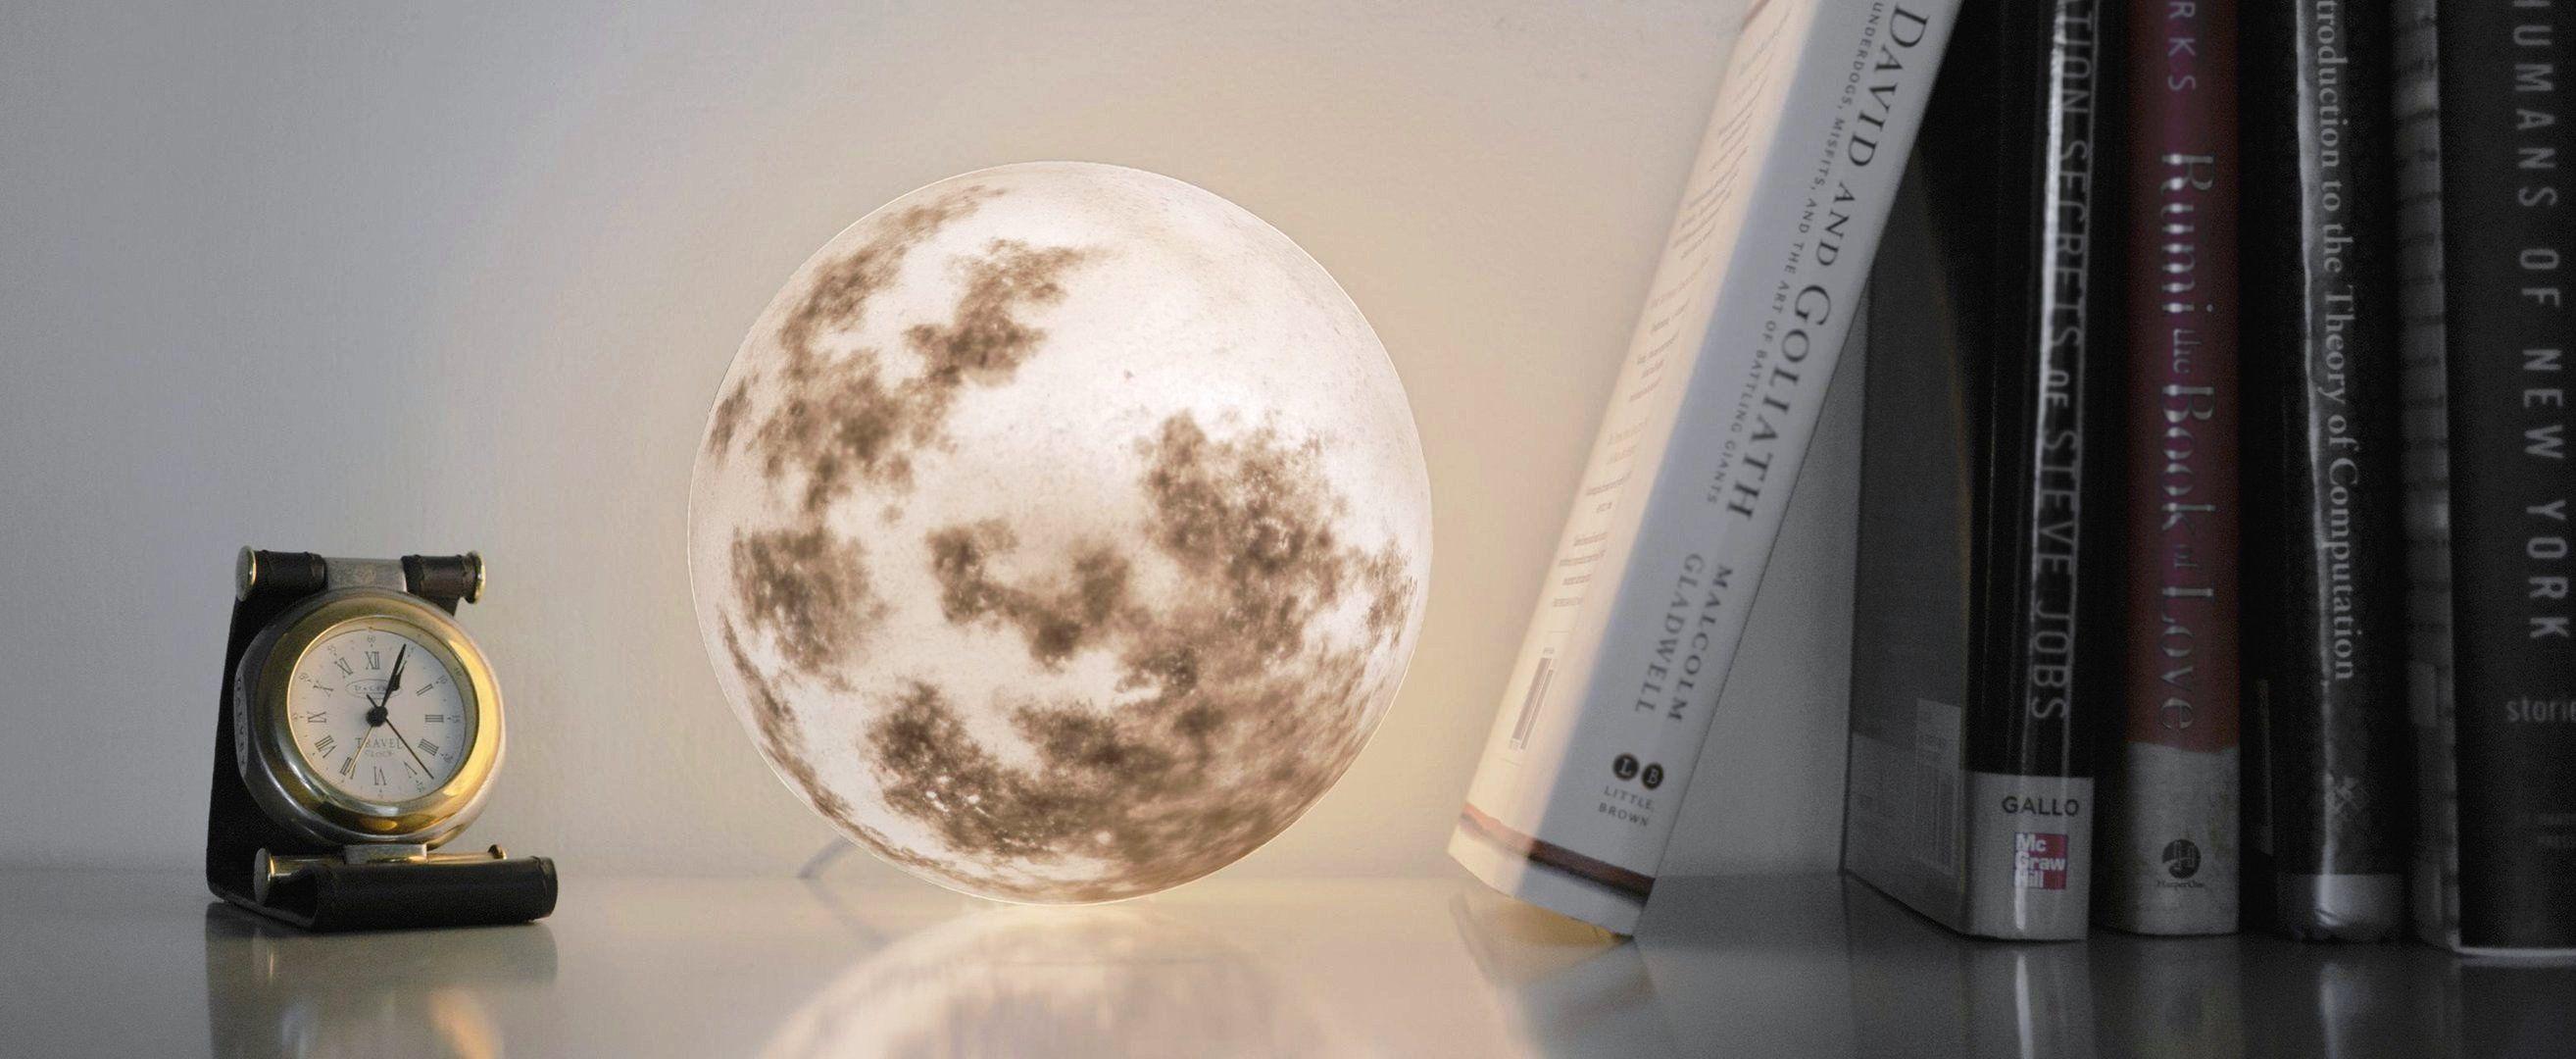 Kosmische Mond Lampe Fur Traumhafte Nachte Wohnideen Und Dekoration Mond Lampe Kosmisch Lampe